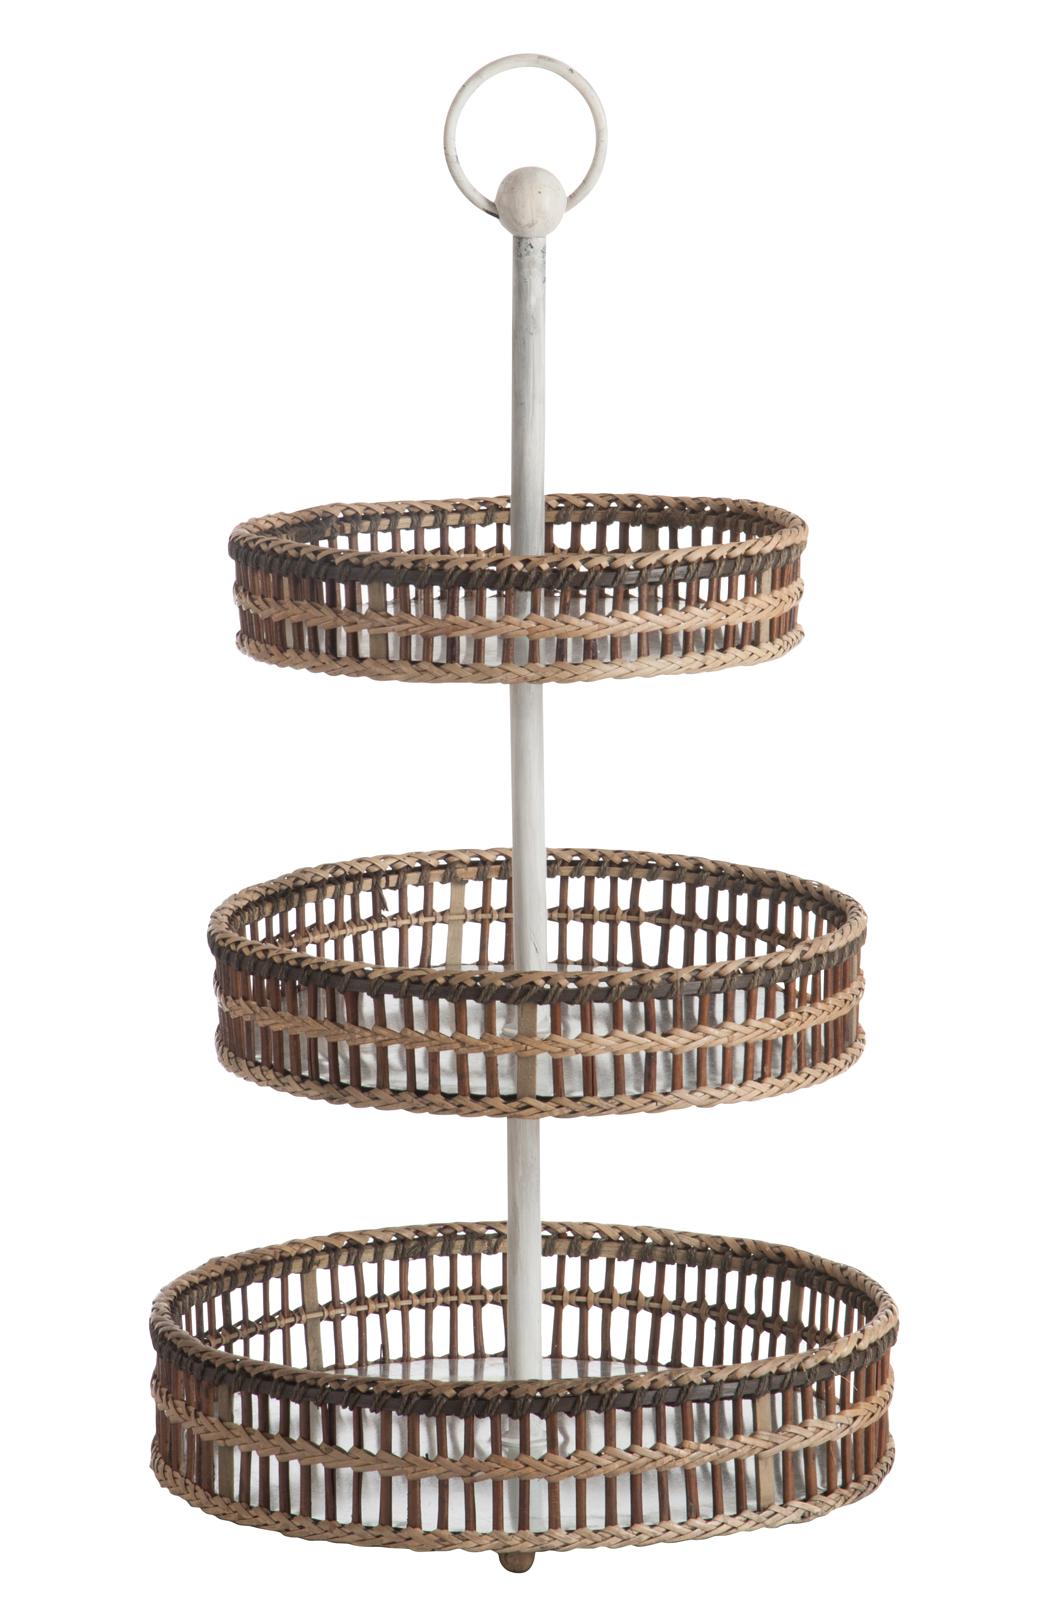 Serviteur Et Blanc RotinArmature 3 Bambou Niveaux 45x45x77cm Etagère P0wk8nO